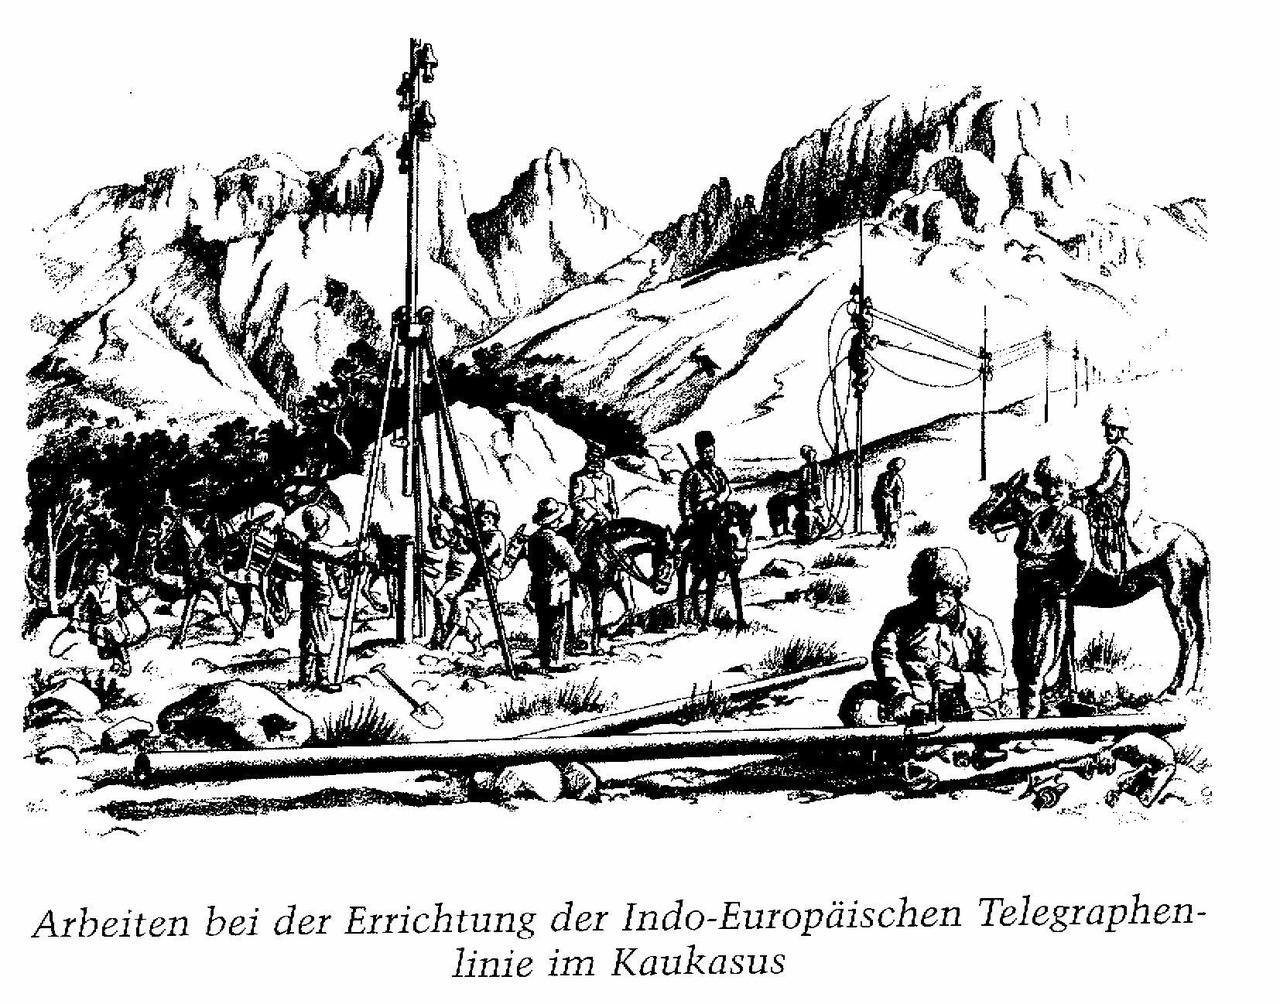 симферополь телеграф индо европейский